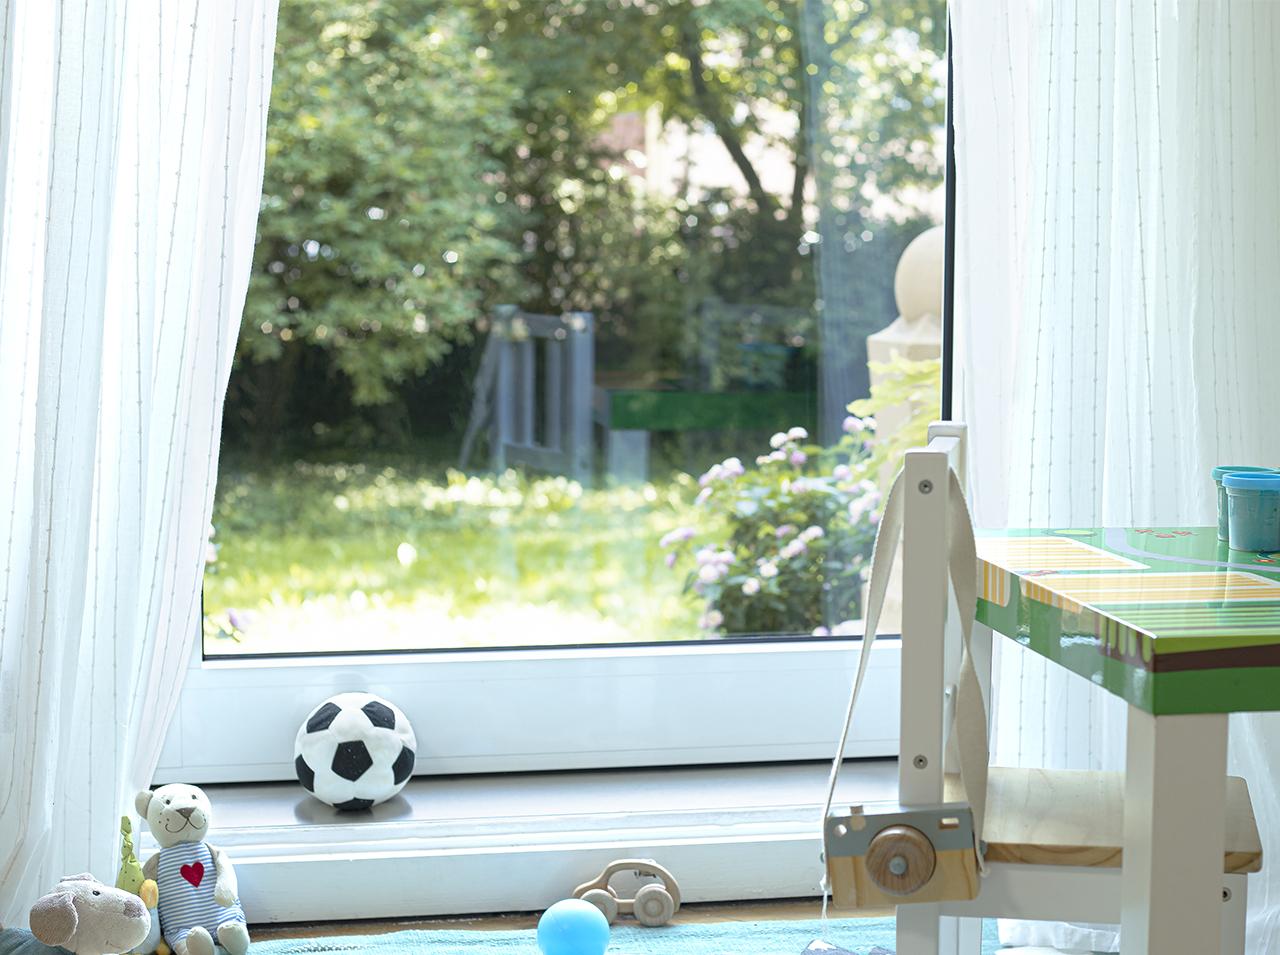 Superficie della finestra ricoperta da una pellicola per vetri d-c-fix® per garantire protezione da lesioni causate da schegge o frantumi in caso di rottura dei vetri.